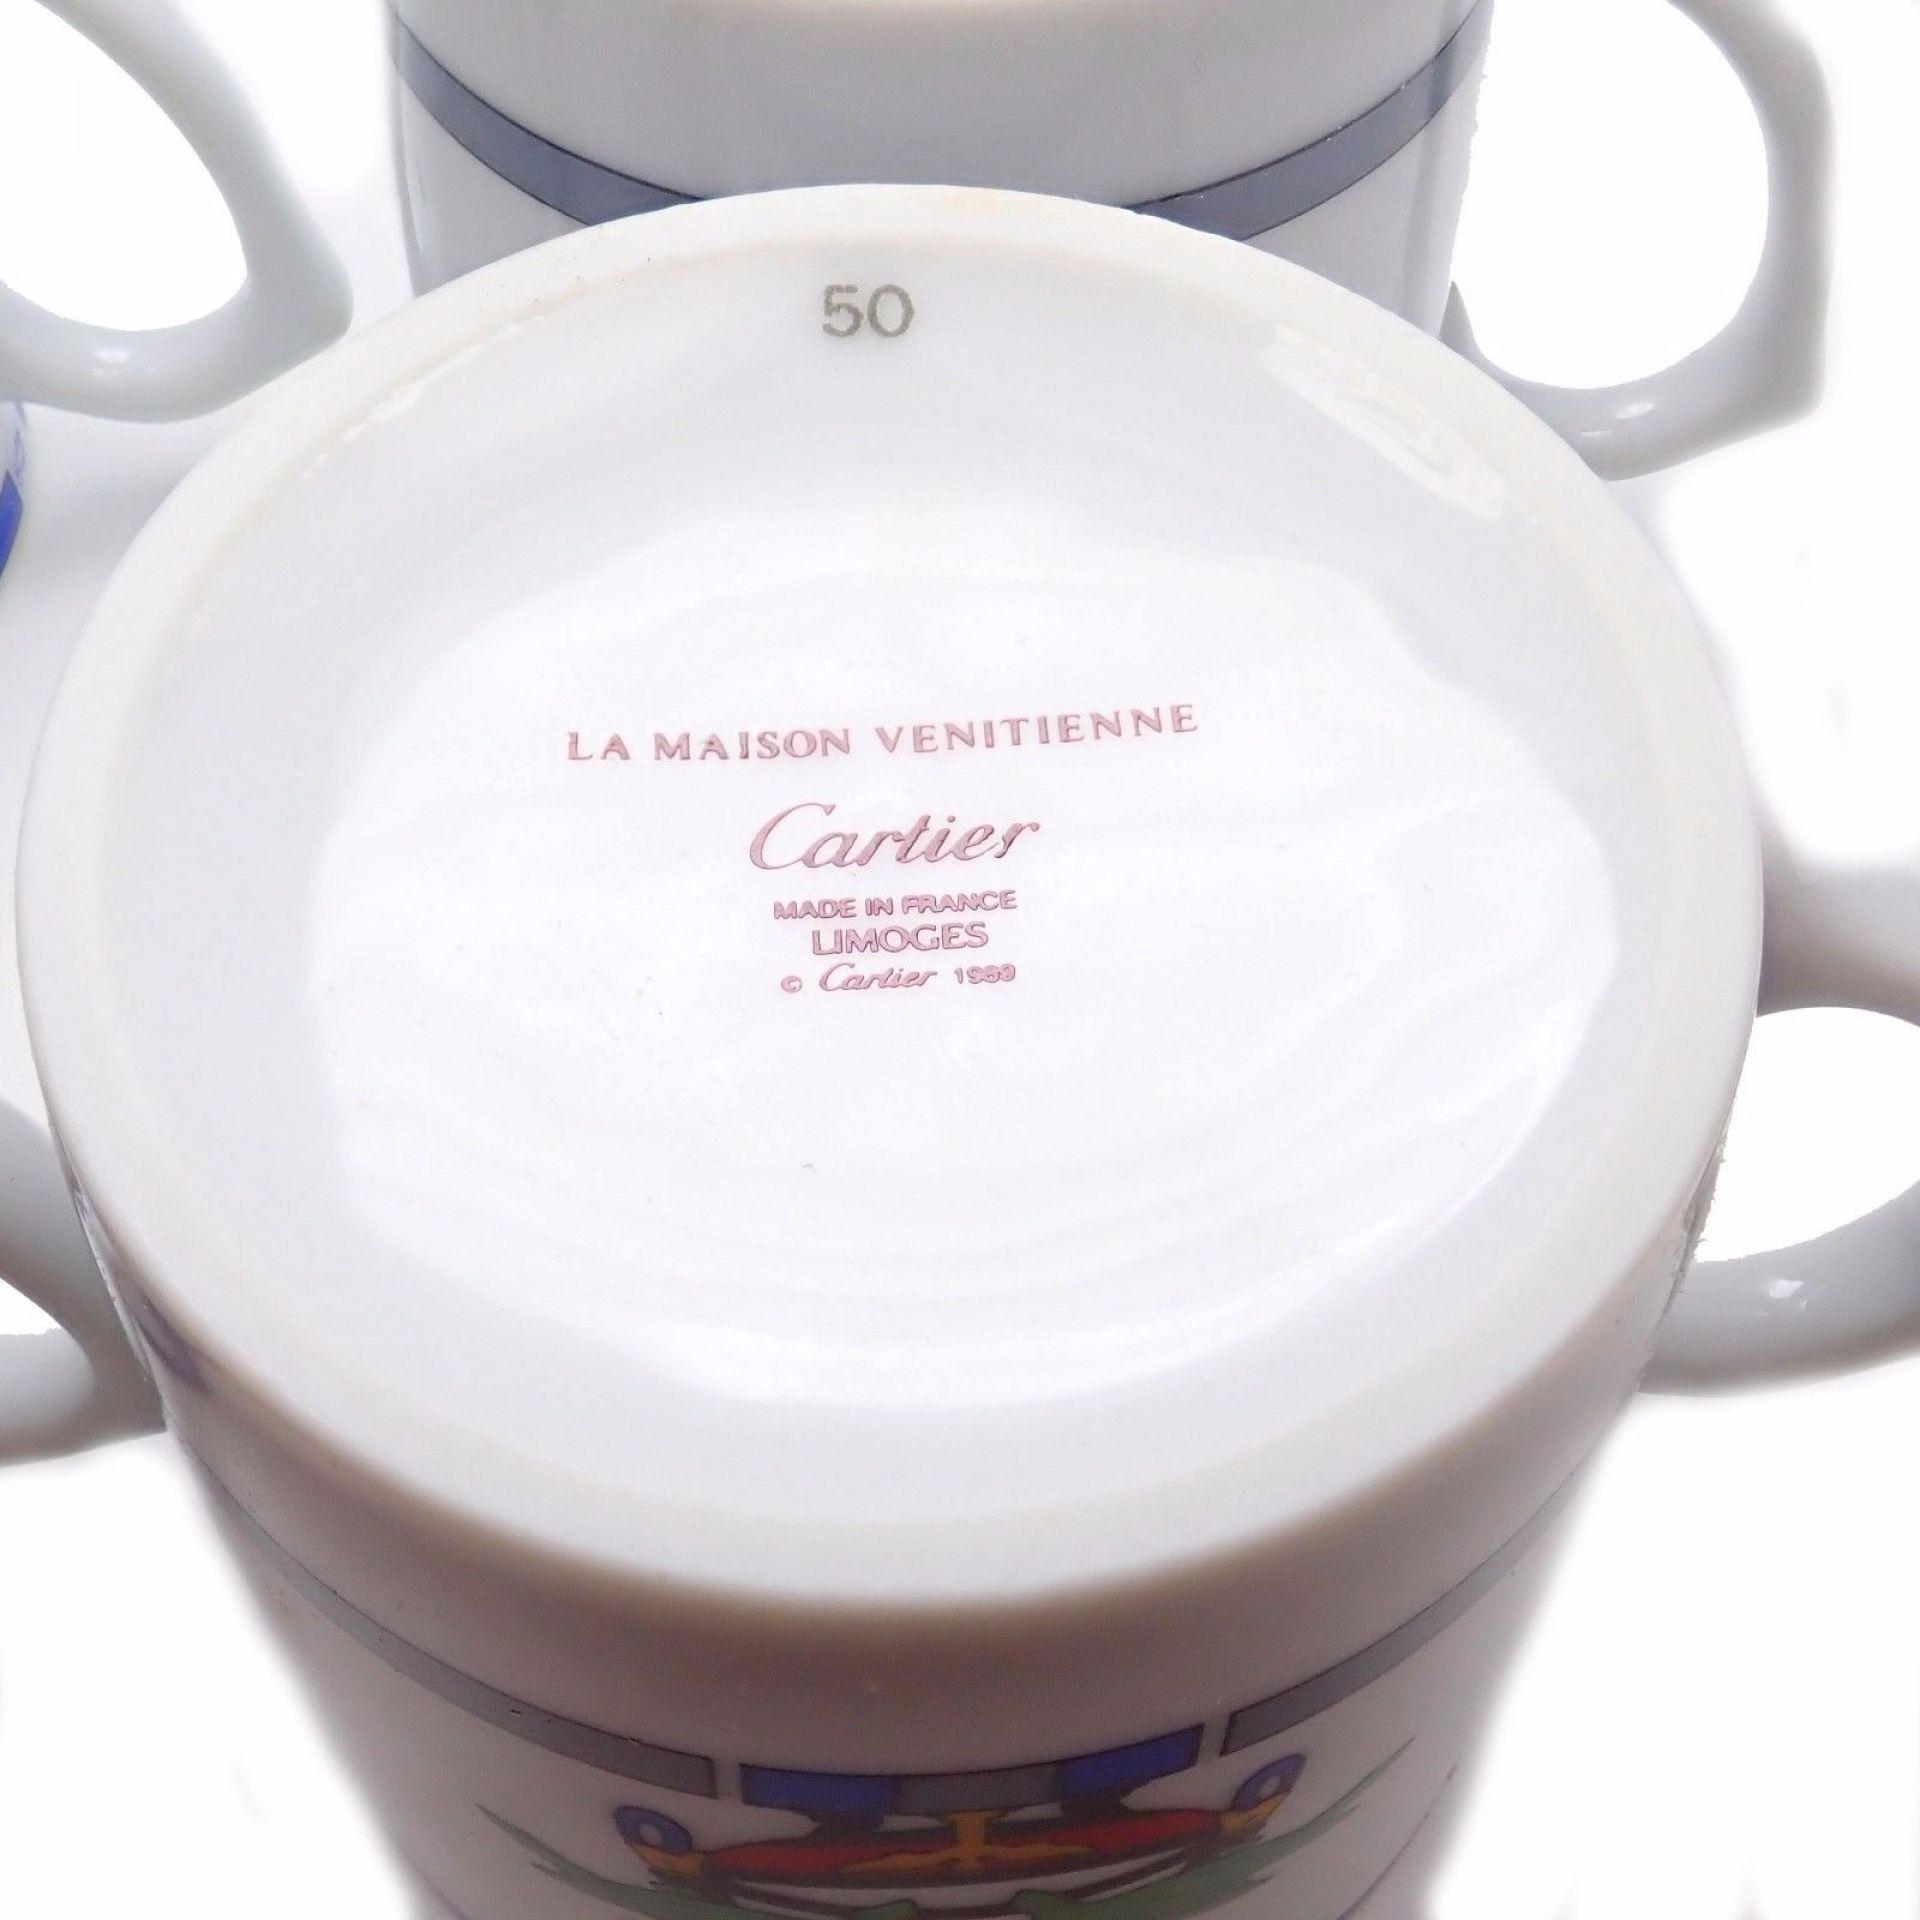 Cartier La Maison Venitienne Lapis Service 4x Cup & Saucer Coffee Limoges 1989